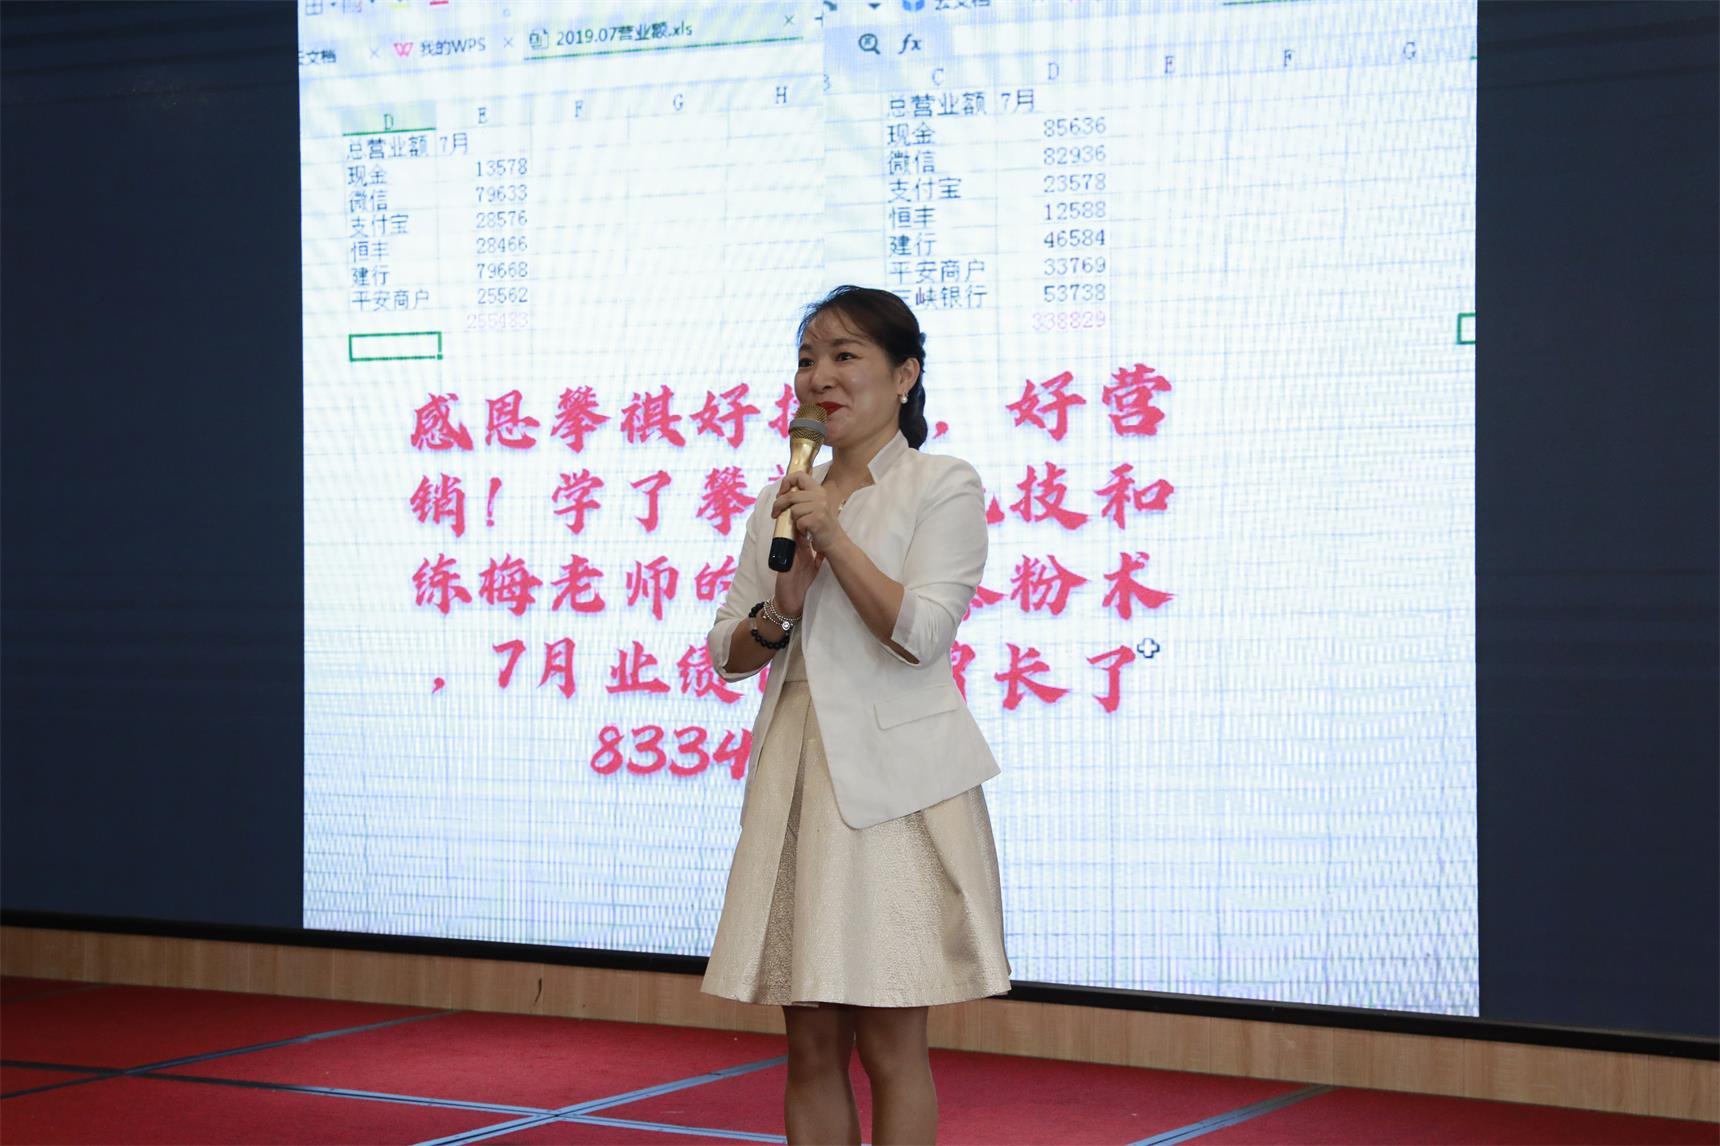 重庆蝶变健康管理会所创始人张祖喻11天收款129460元,激活53老顾客,新增36个新顾客!